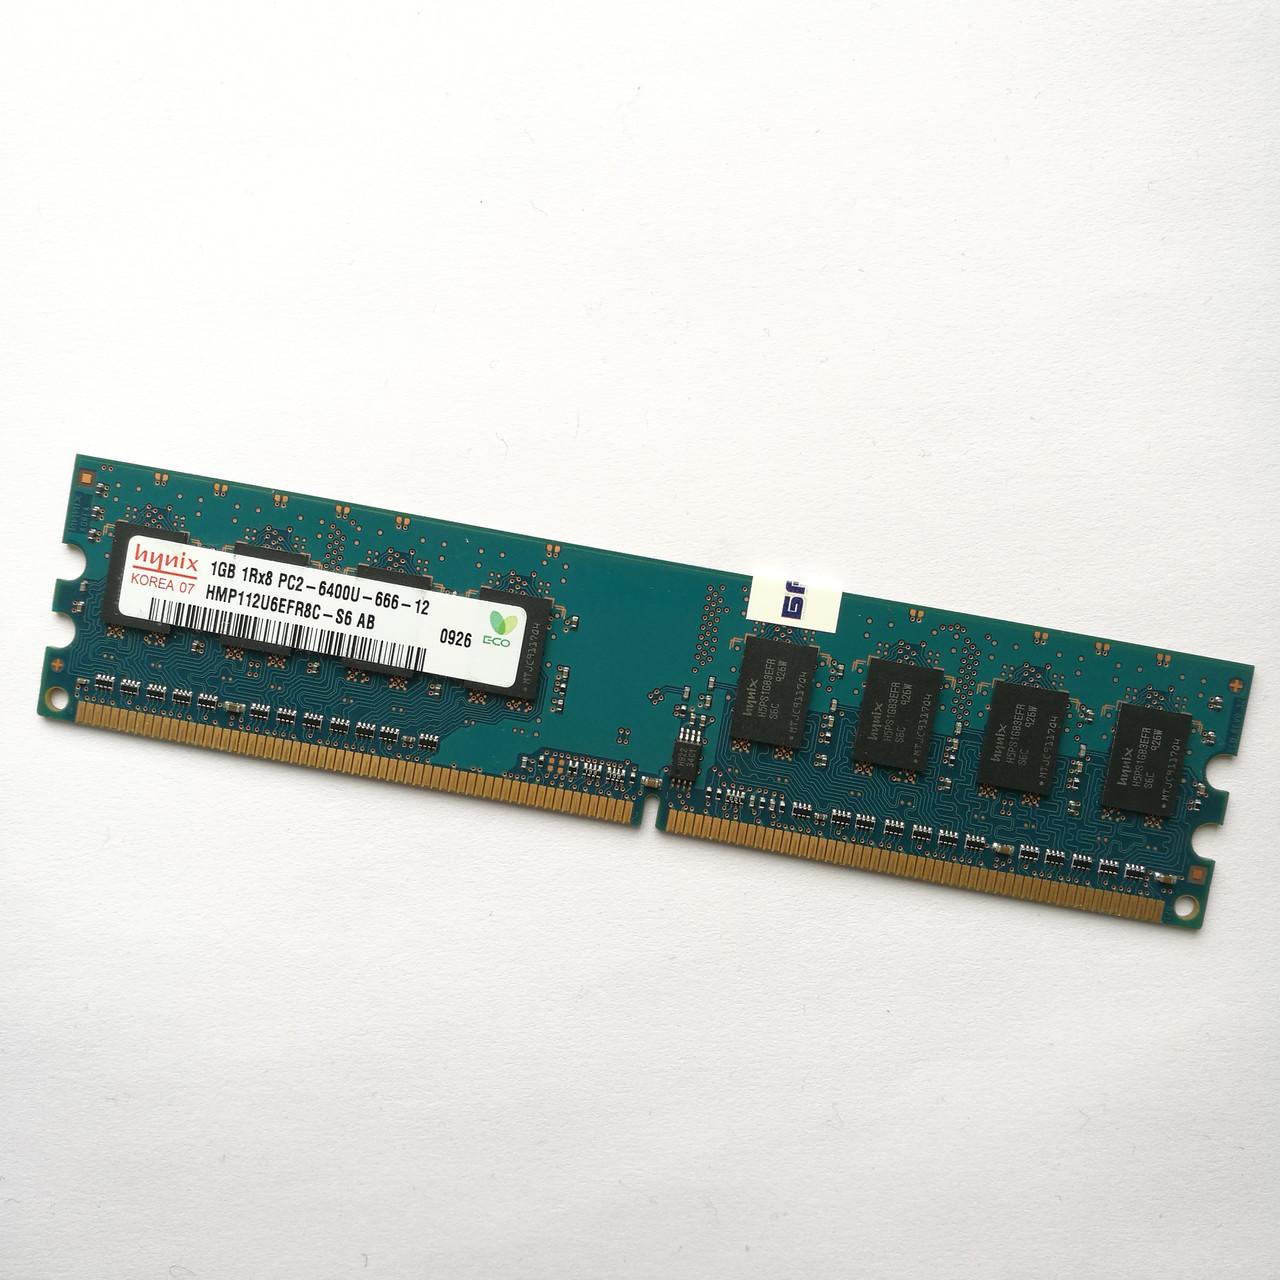 Оперативная память Hynix DDR2 1Gb 800MHz PC2 6400U CL6 (HMP112U6EFR8C-S6 AB) Б/У